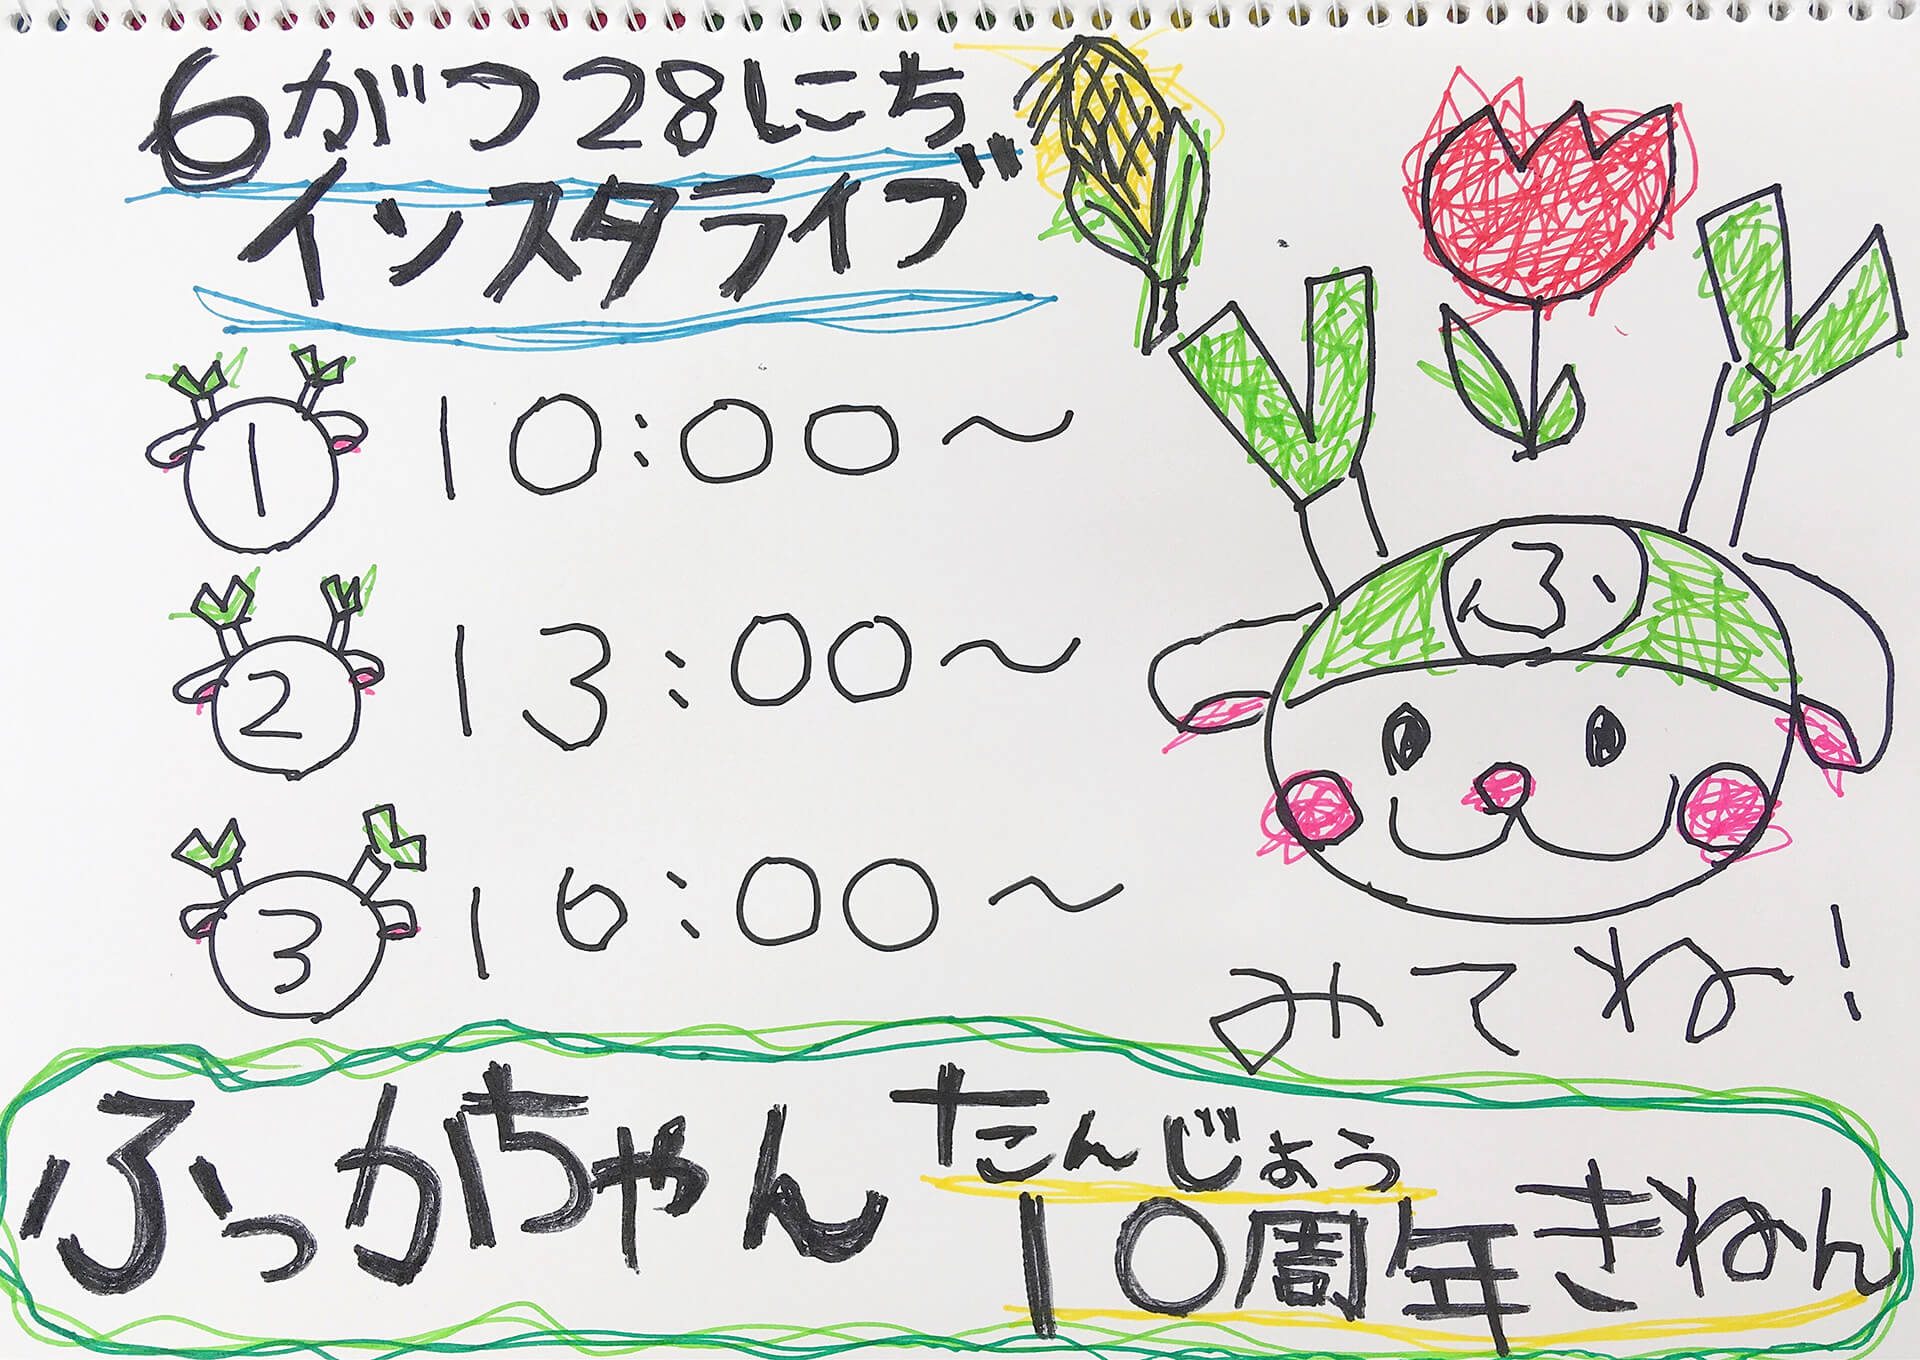 ふっかちゃんBDインスタライブ(#ふっかリモートぱーちぃ)